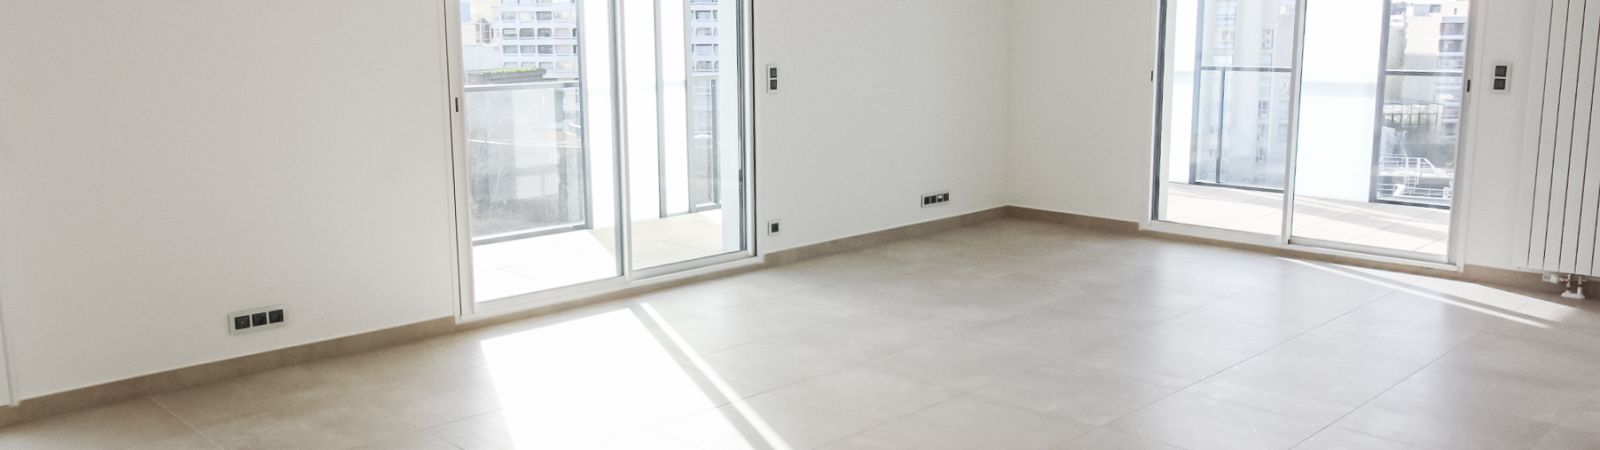 photo 3: Appartement d'exception au coeur de Rennes